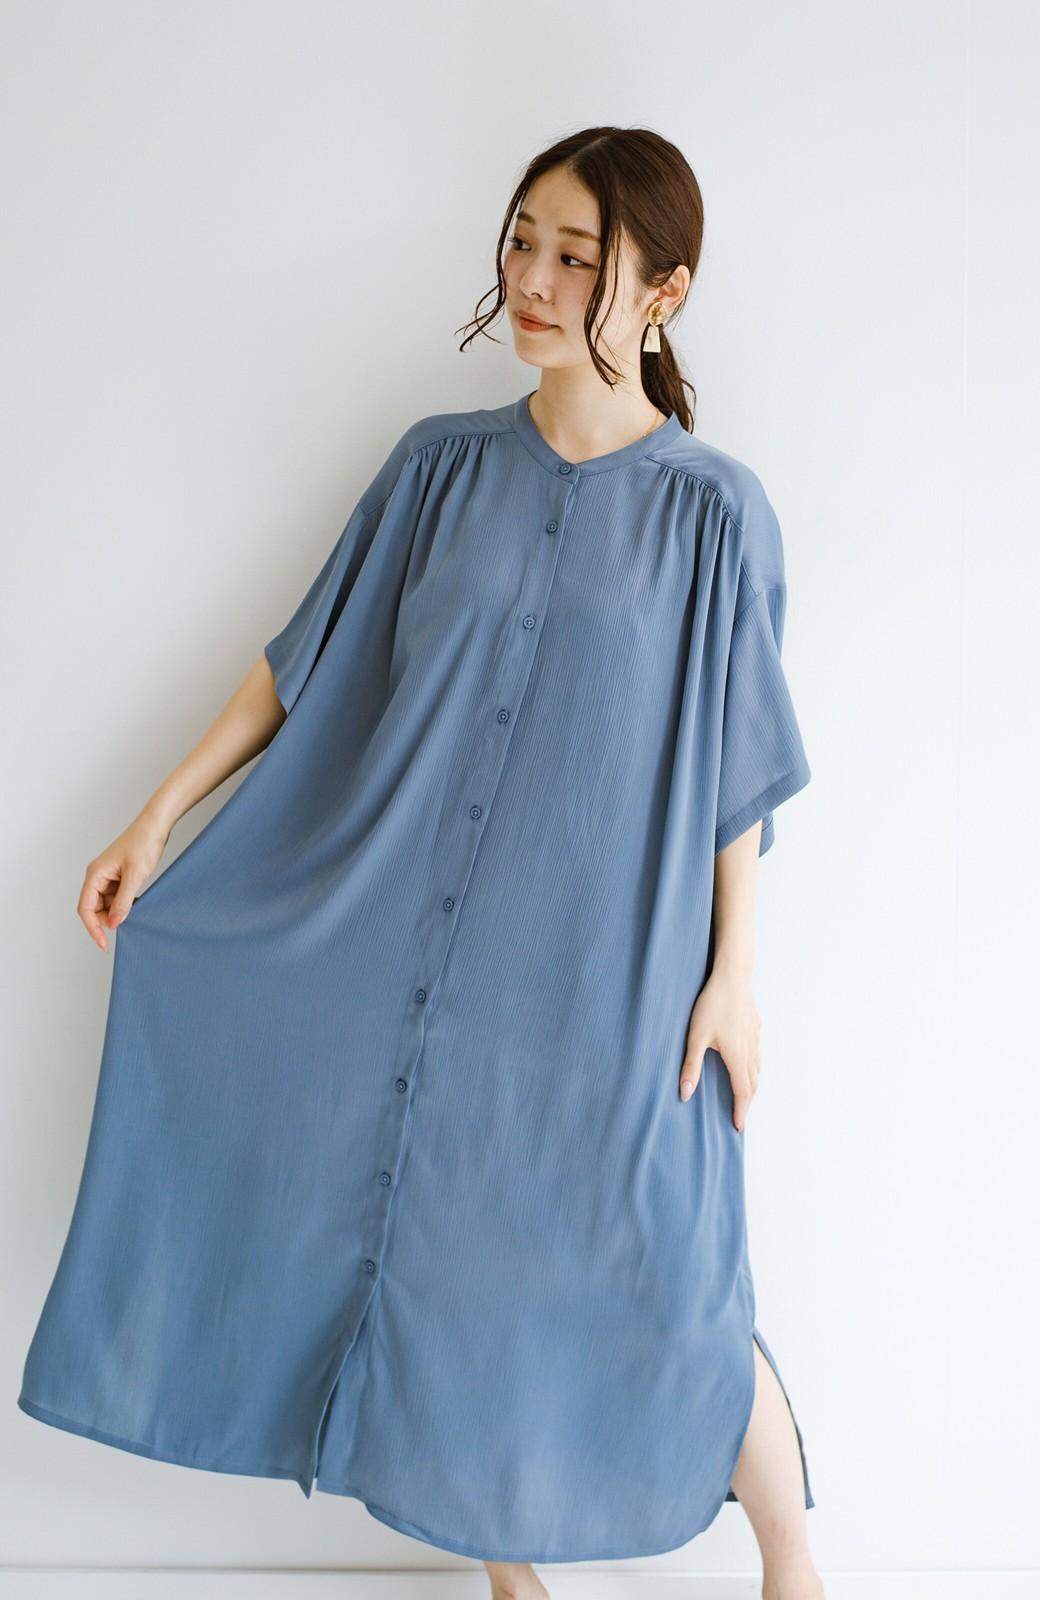 haco! 羽織としてもワンピースとしても着られちゃう 後ろ姿まで抜かりなくかわいいプリーツワンピース <ブルー>の商品写真5